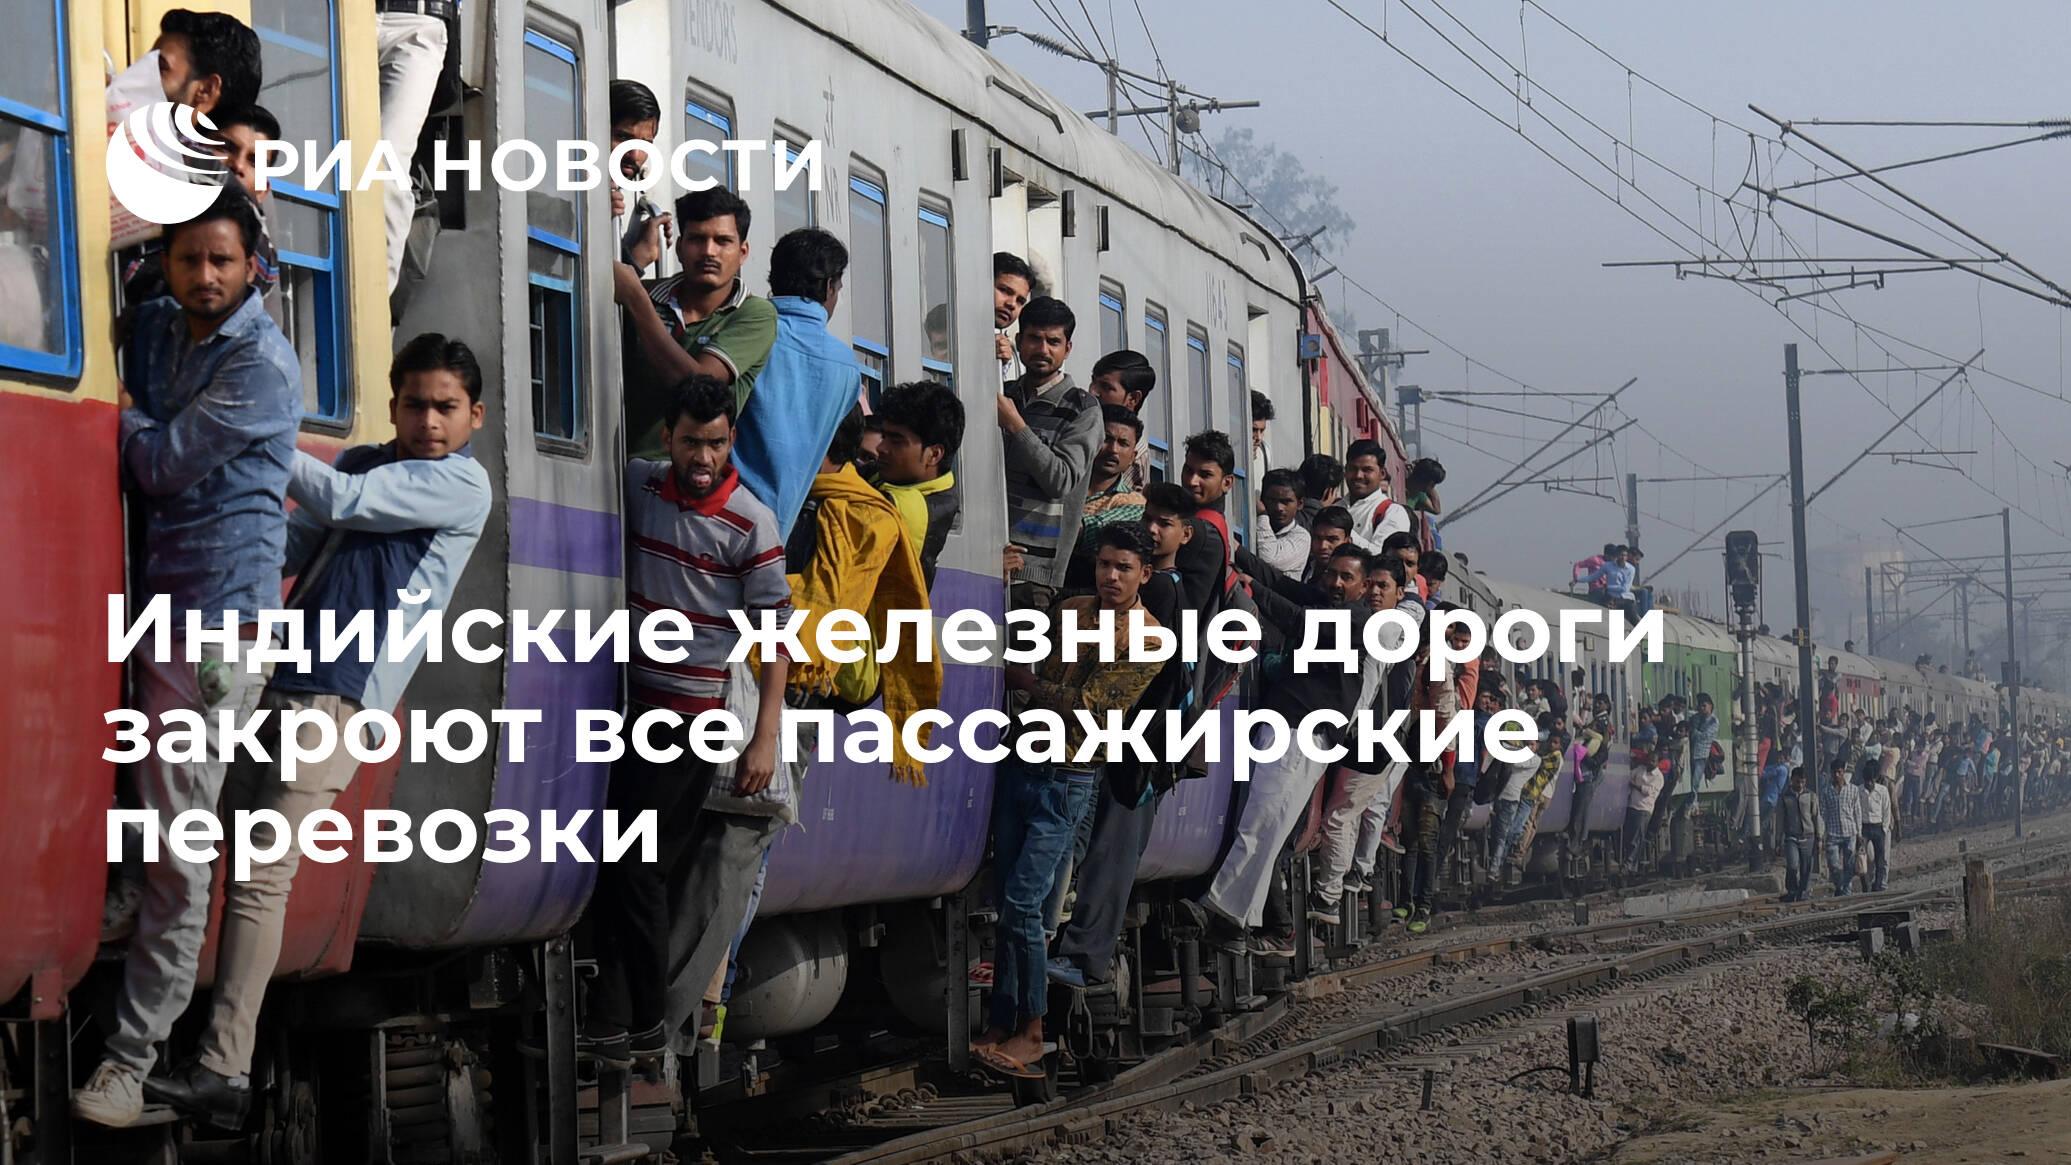 Индийские железные дороги закроют все пассажирские перевозки